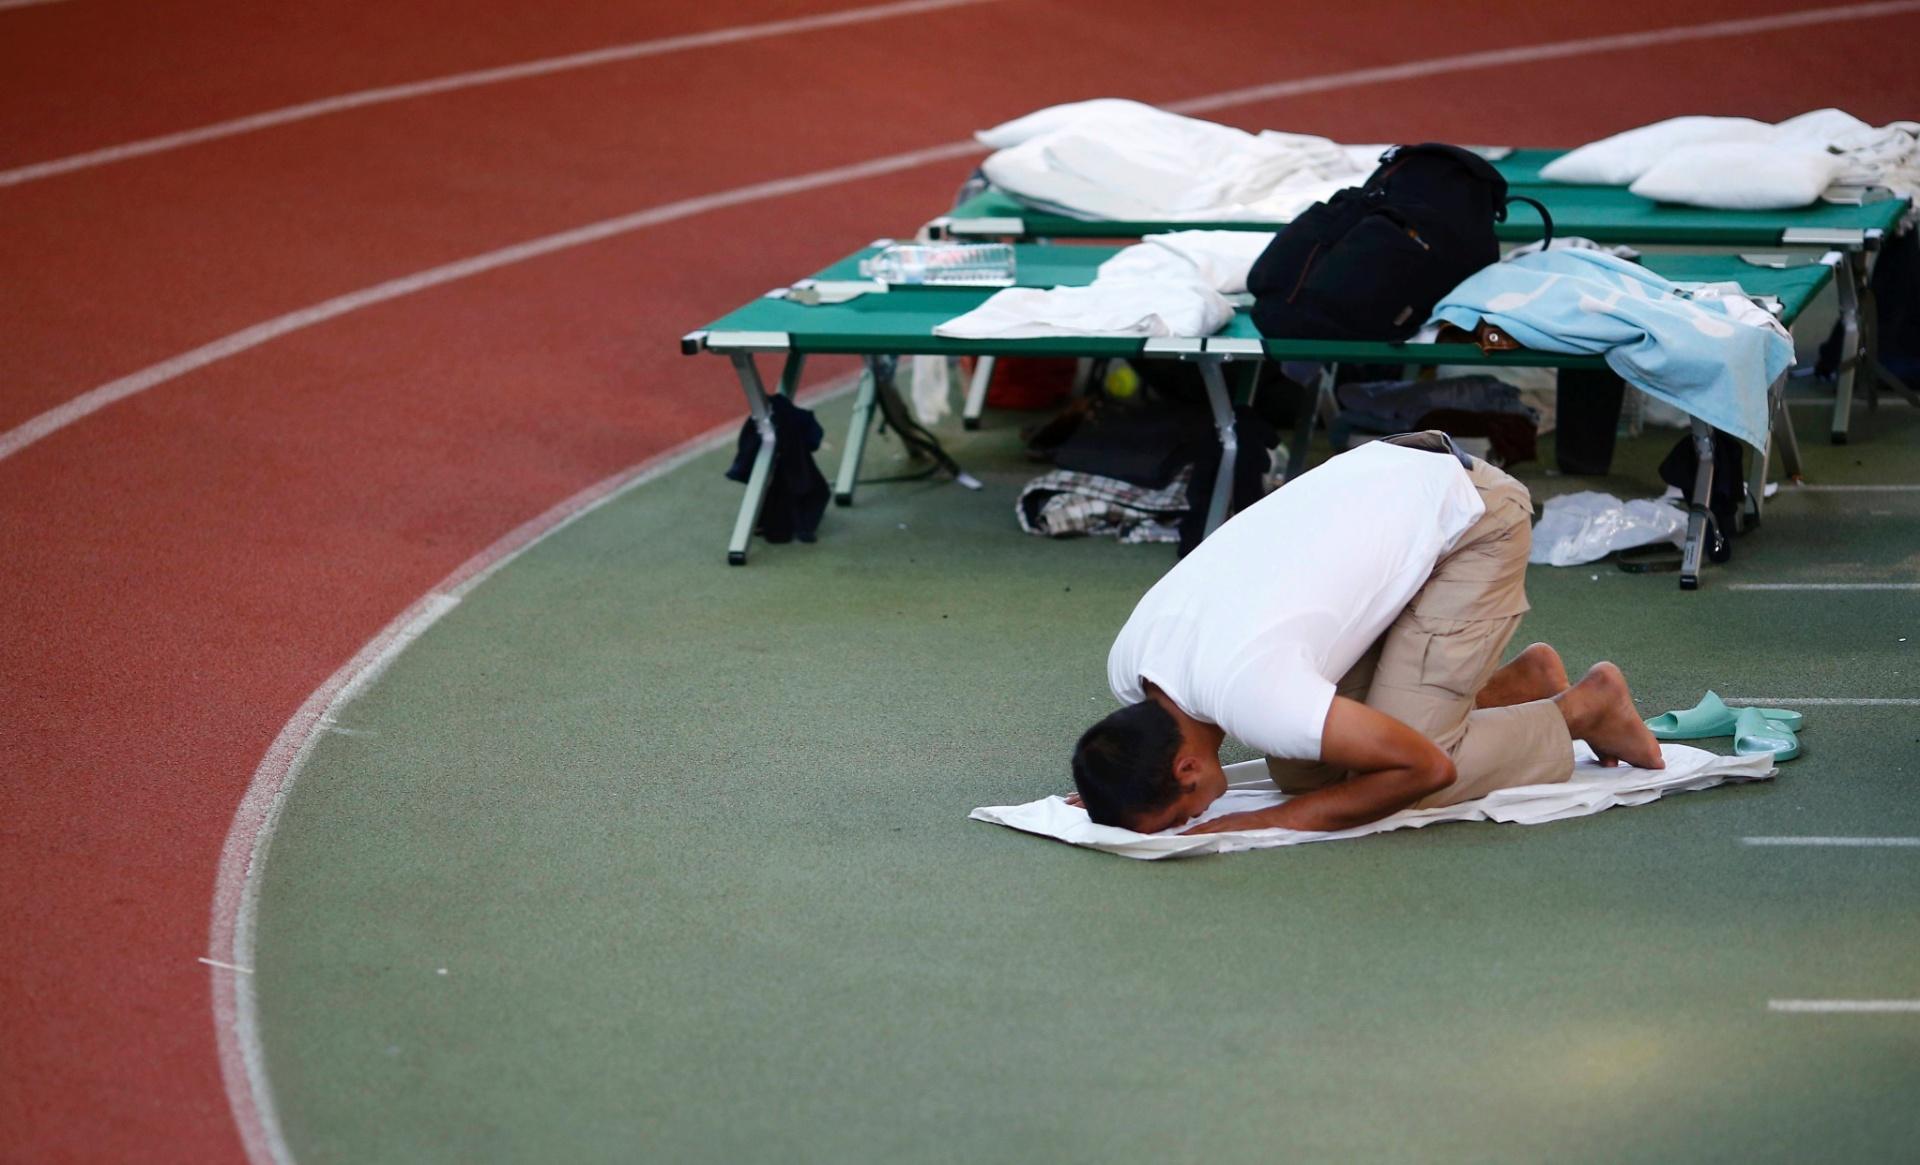 29.set.2015 - Imigrante reza em abrigo temporário dentro de estádio esportivo em Hanau, Alemanha, país com maior população muçulmana da Europa